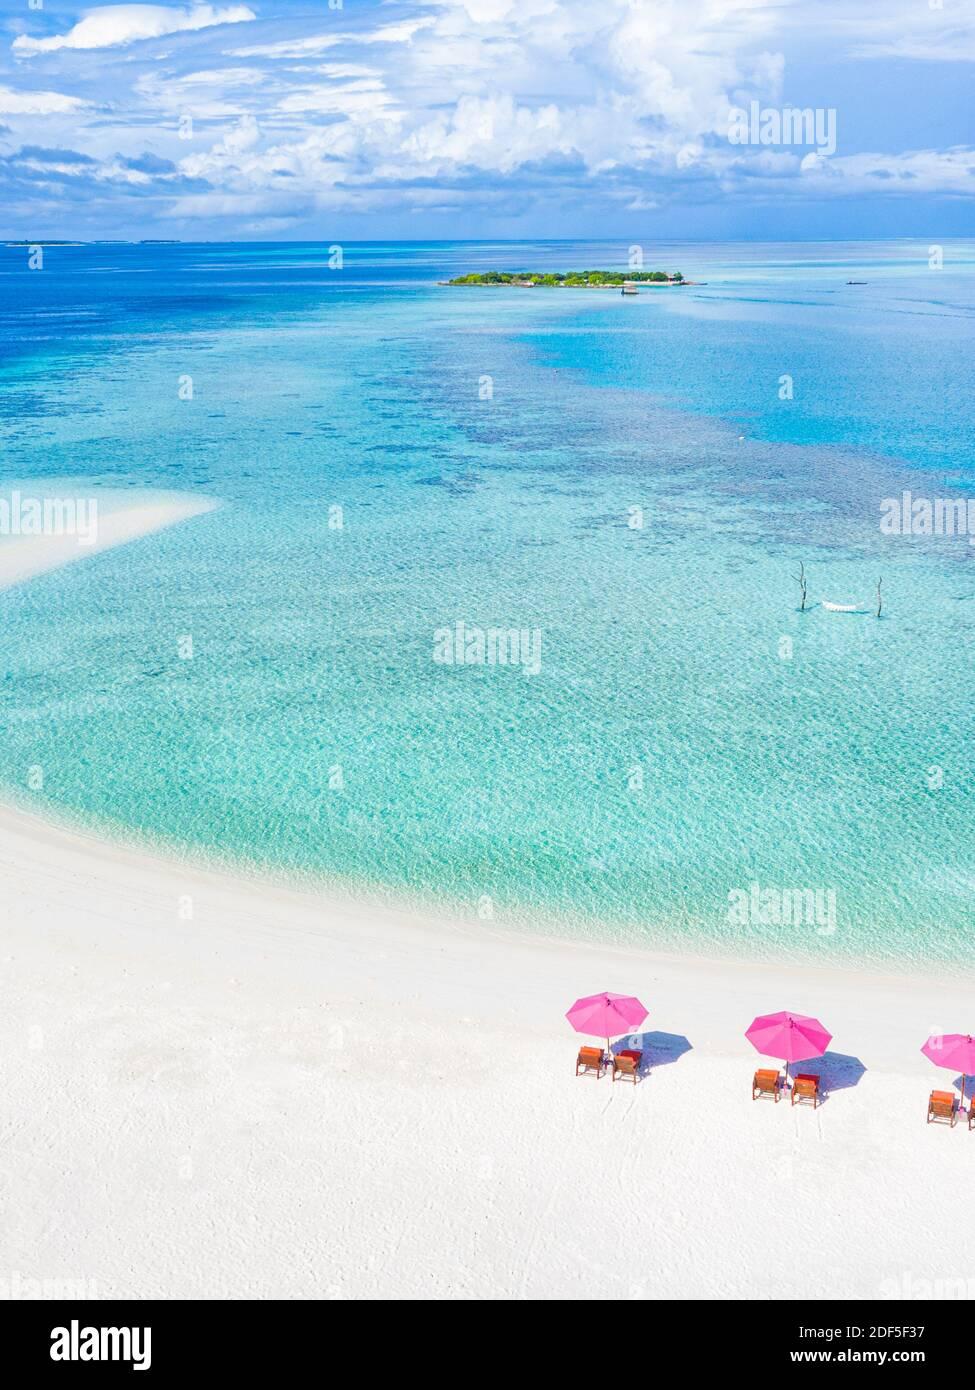 Increíble paisaje aéreo en las islas Maldivas. Vista perfecta del mar azul y del arrecife de coral desde el avión o el avión. Exótica viajes de verano y paisaje de vacaciones Foto de stock